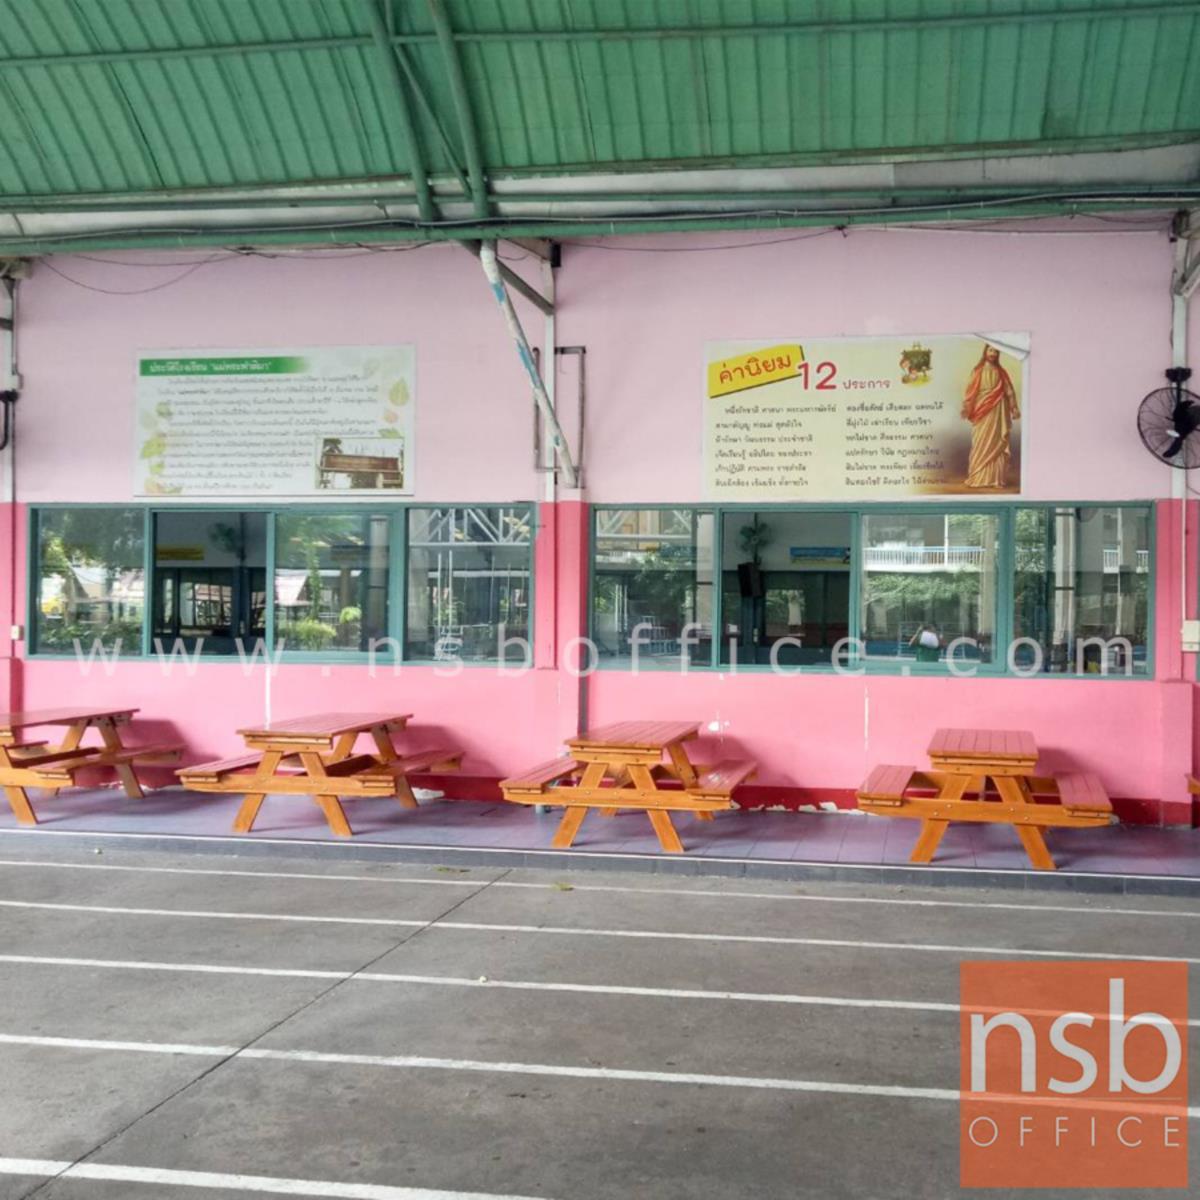 โต๊ะโรงอาหารไม้สักล้วน รุ่น SOUTHDAKOTA (เซาธ์ดาโกตา) ขนาด 150W cm. ขาไขว้